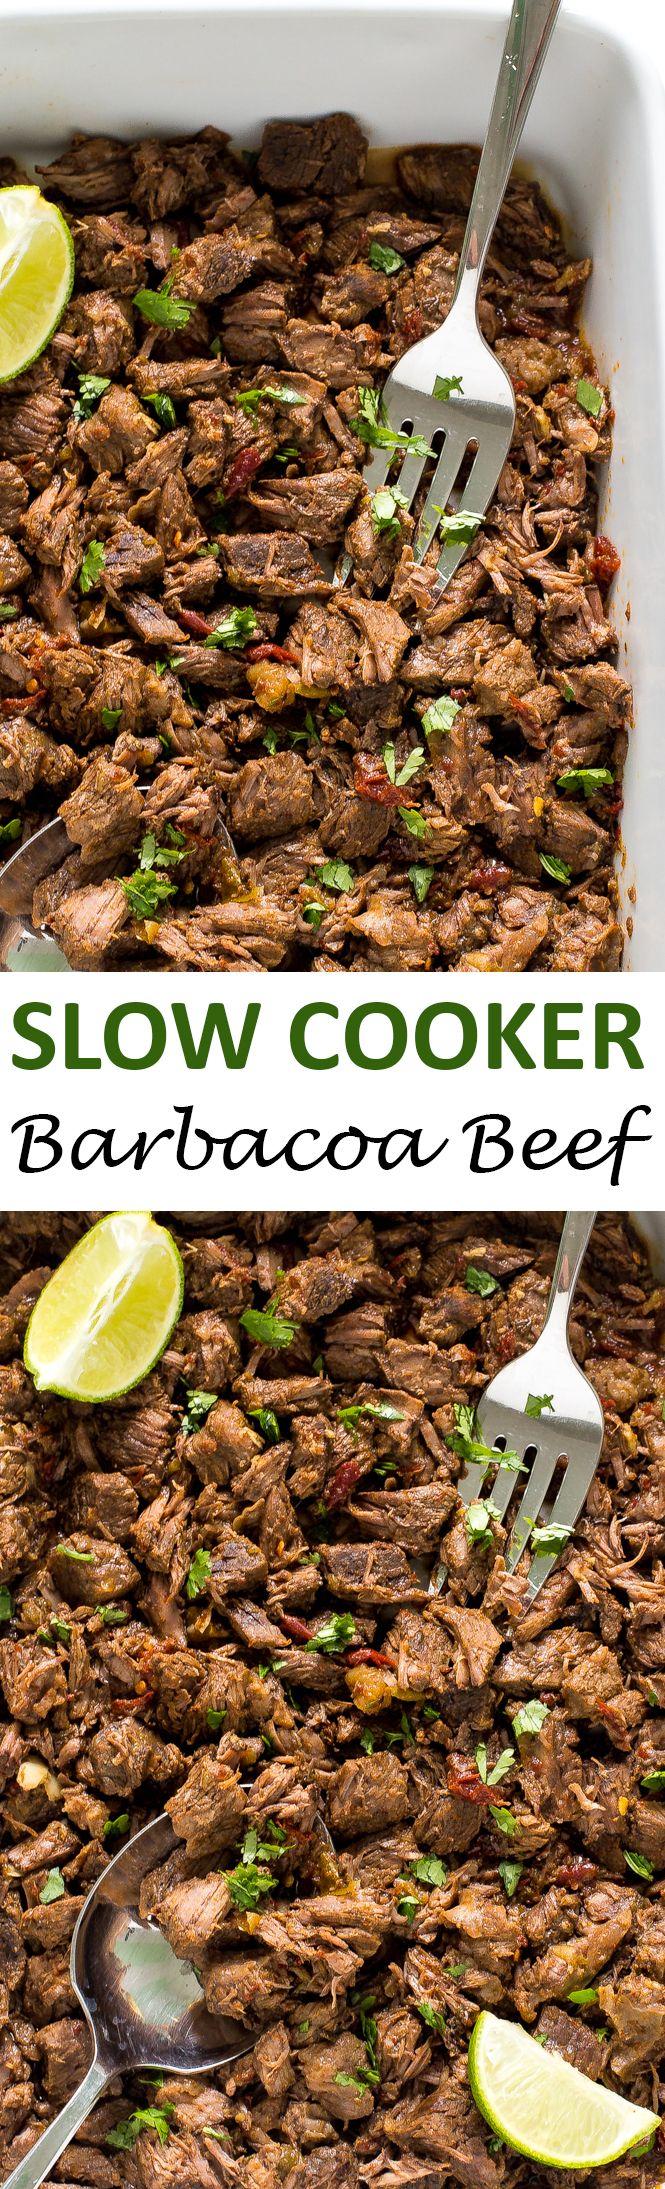 *Slow Cooker Barbacoa Beef